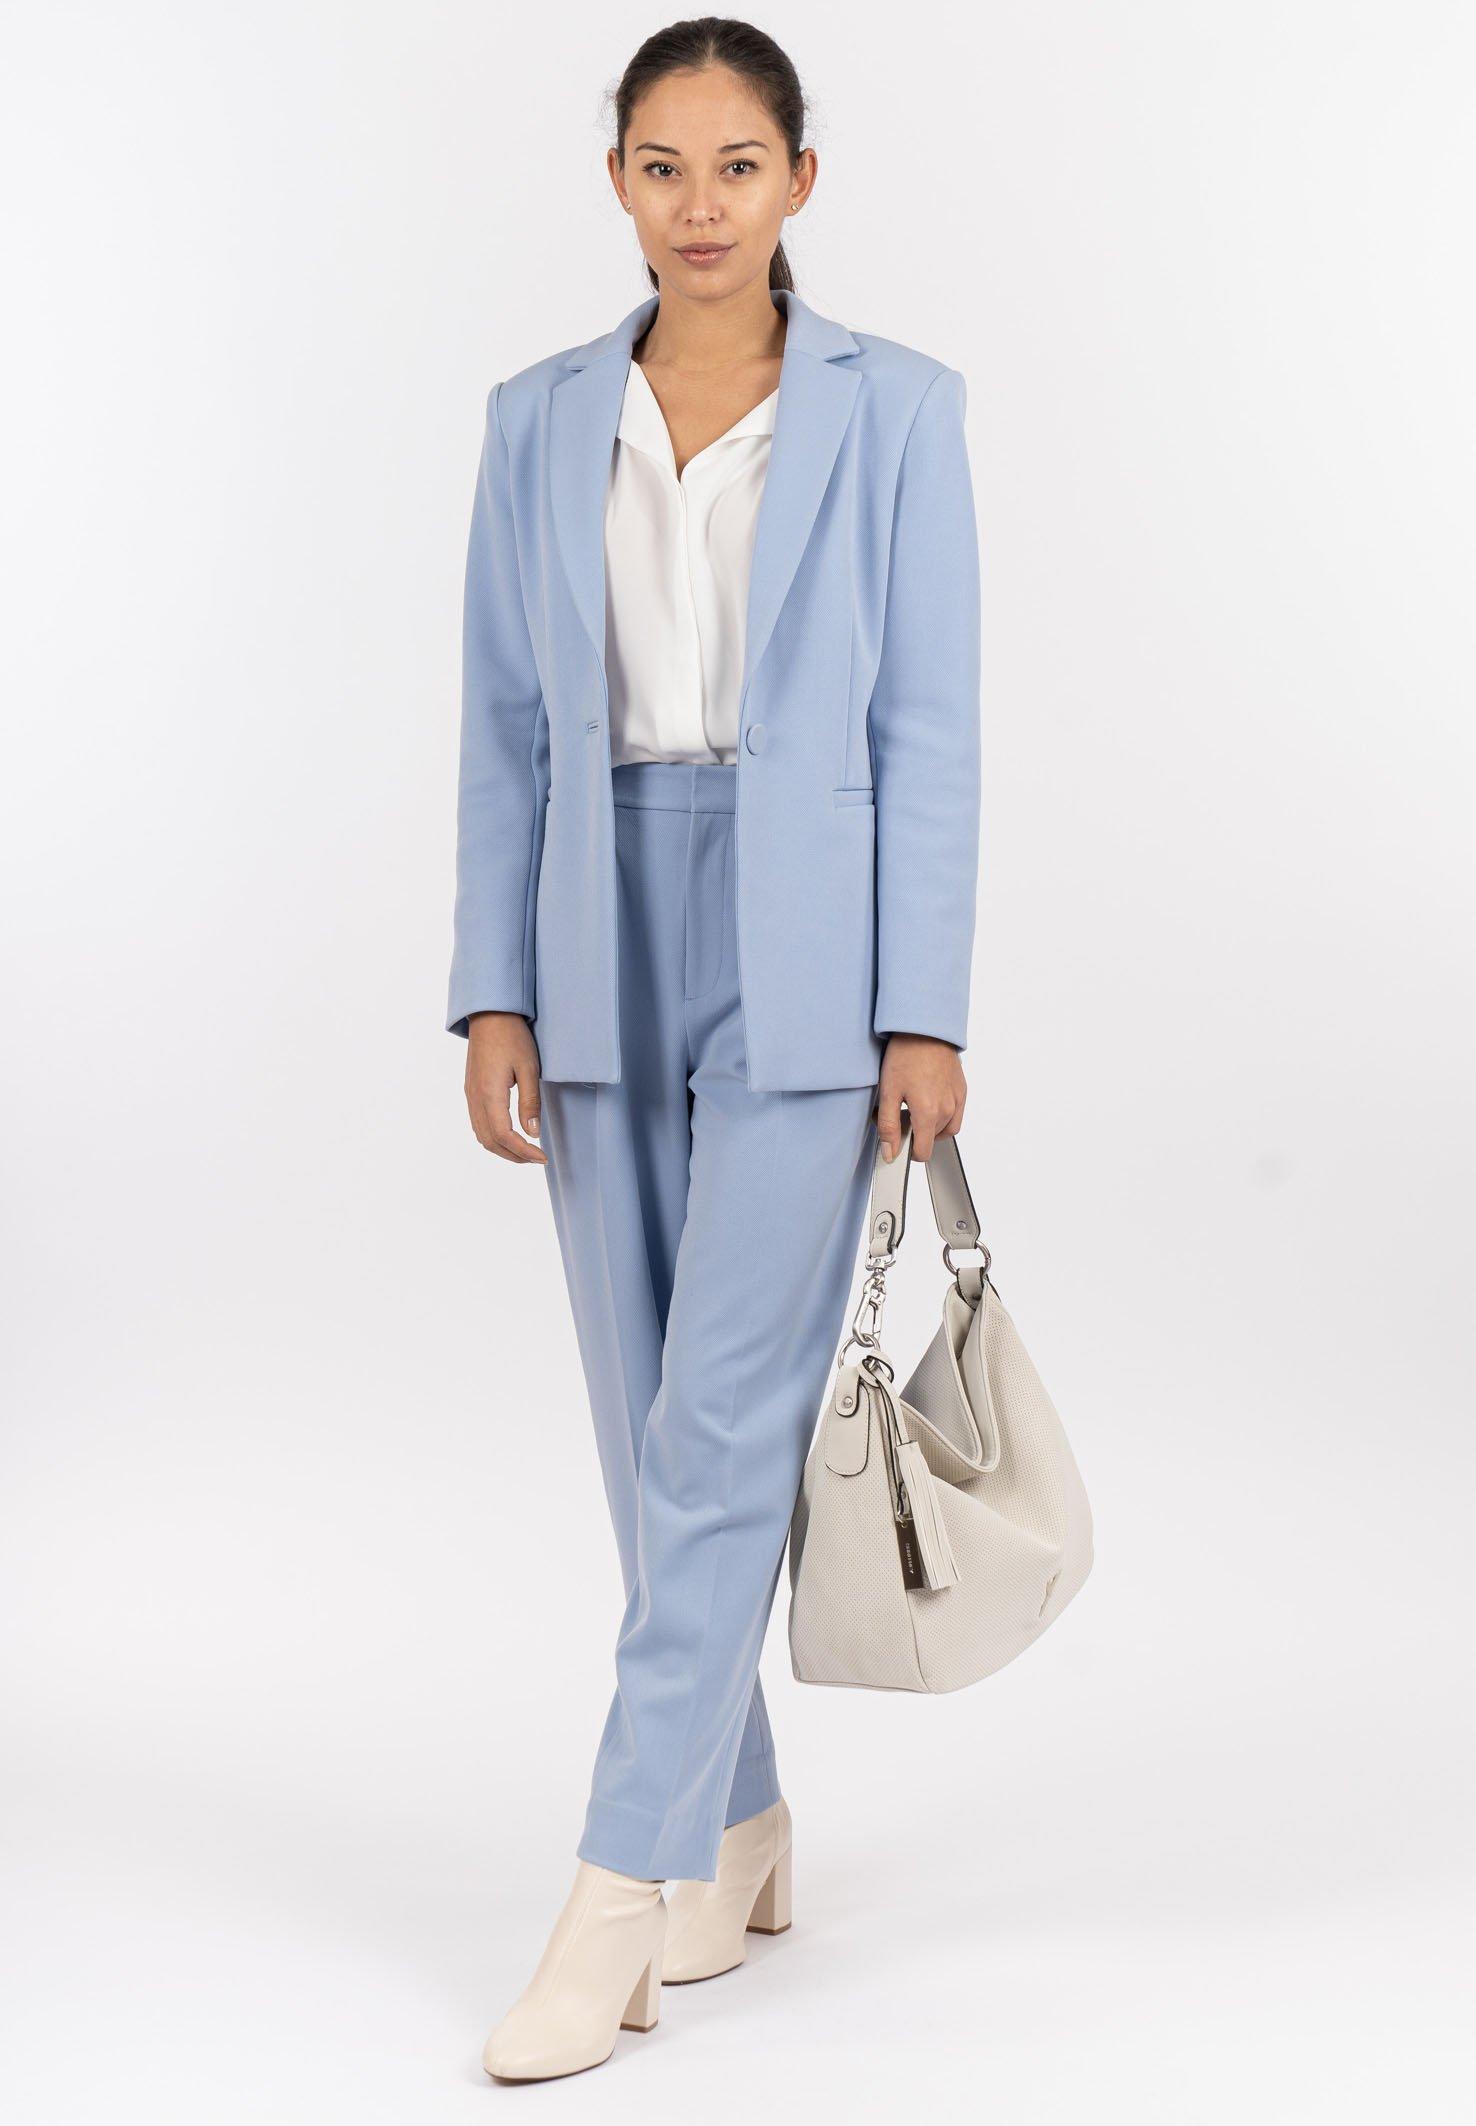 Women ROMY - Handbag - ecru